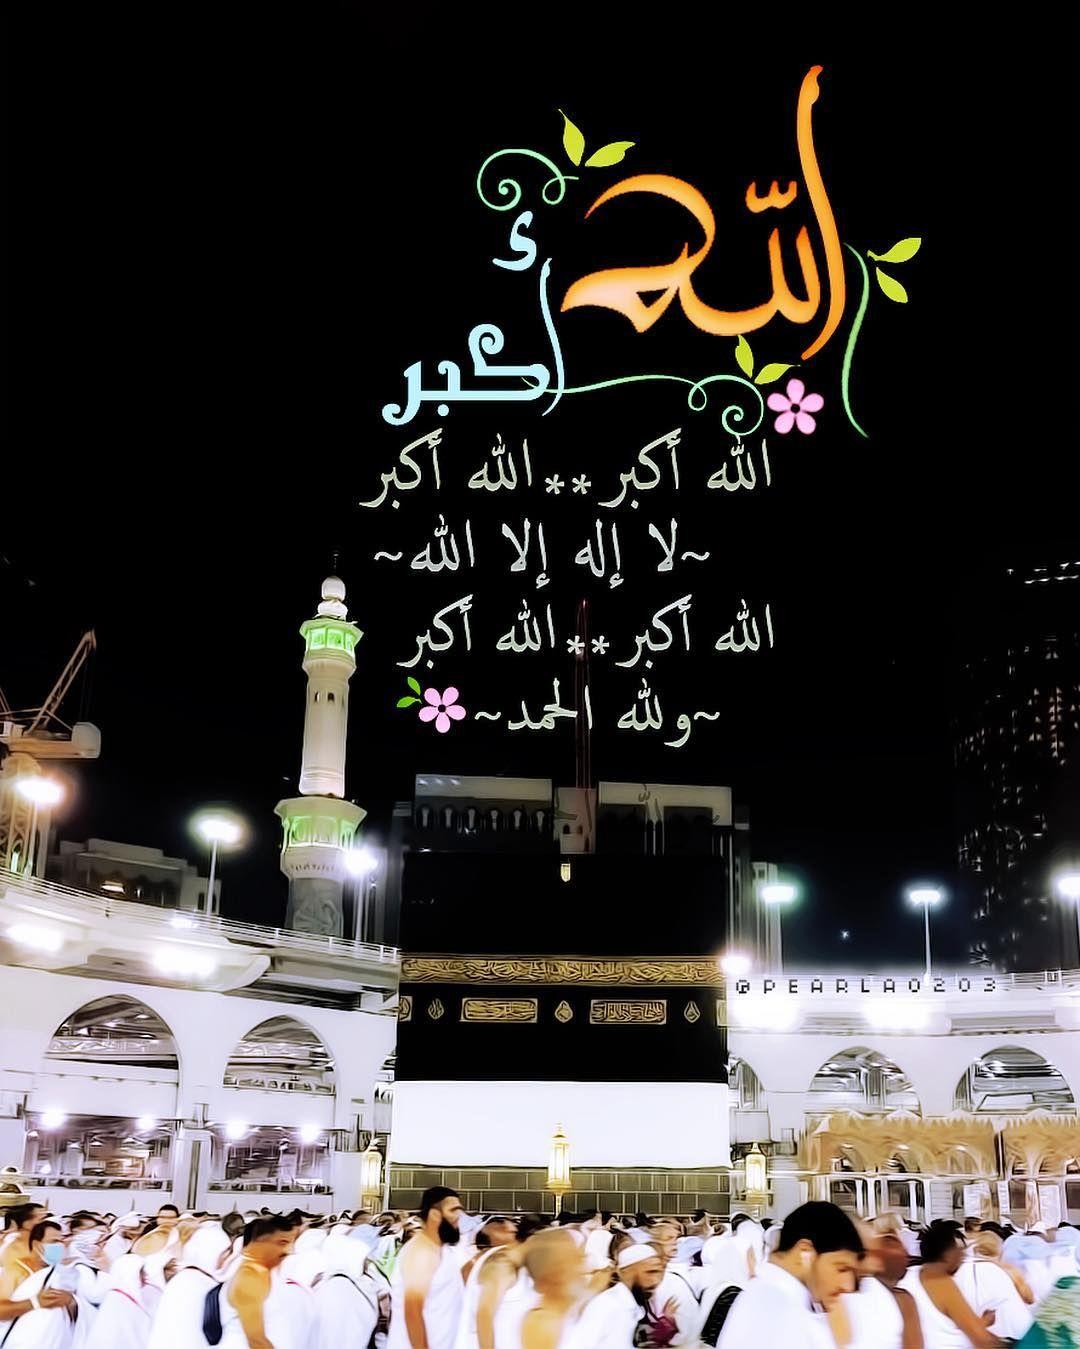 الله أكب ر الله أكبر الله أكب ر لا إله إل ا الله الله أكب ر الله أكبر ولله الح مد ㅤ ㅤ تكبيرات الحج Eid Mubark Islam Eid